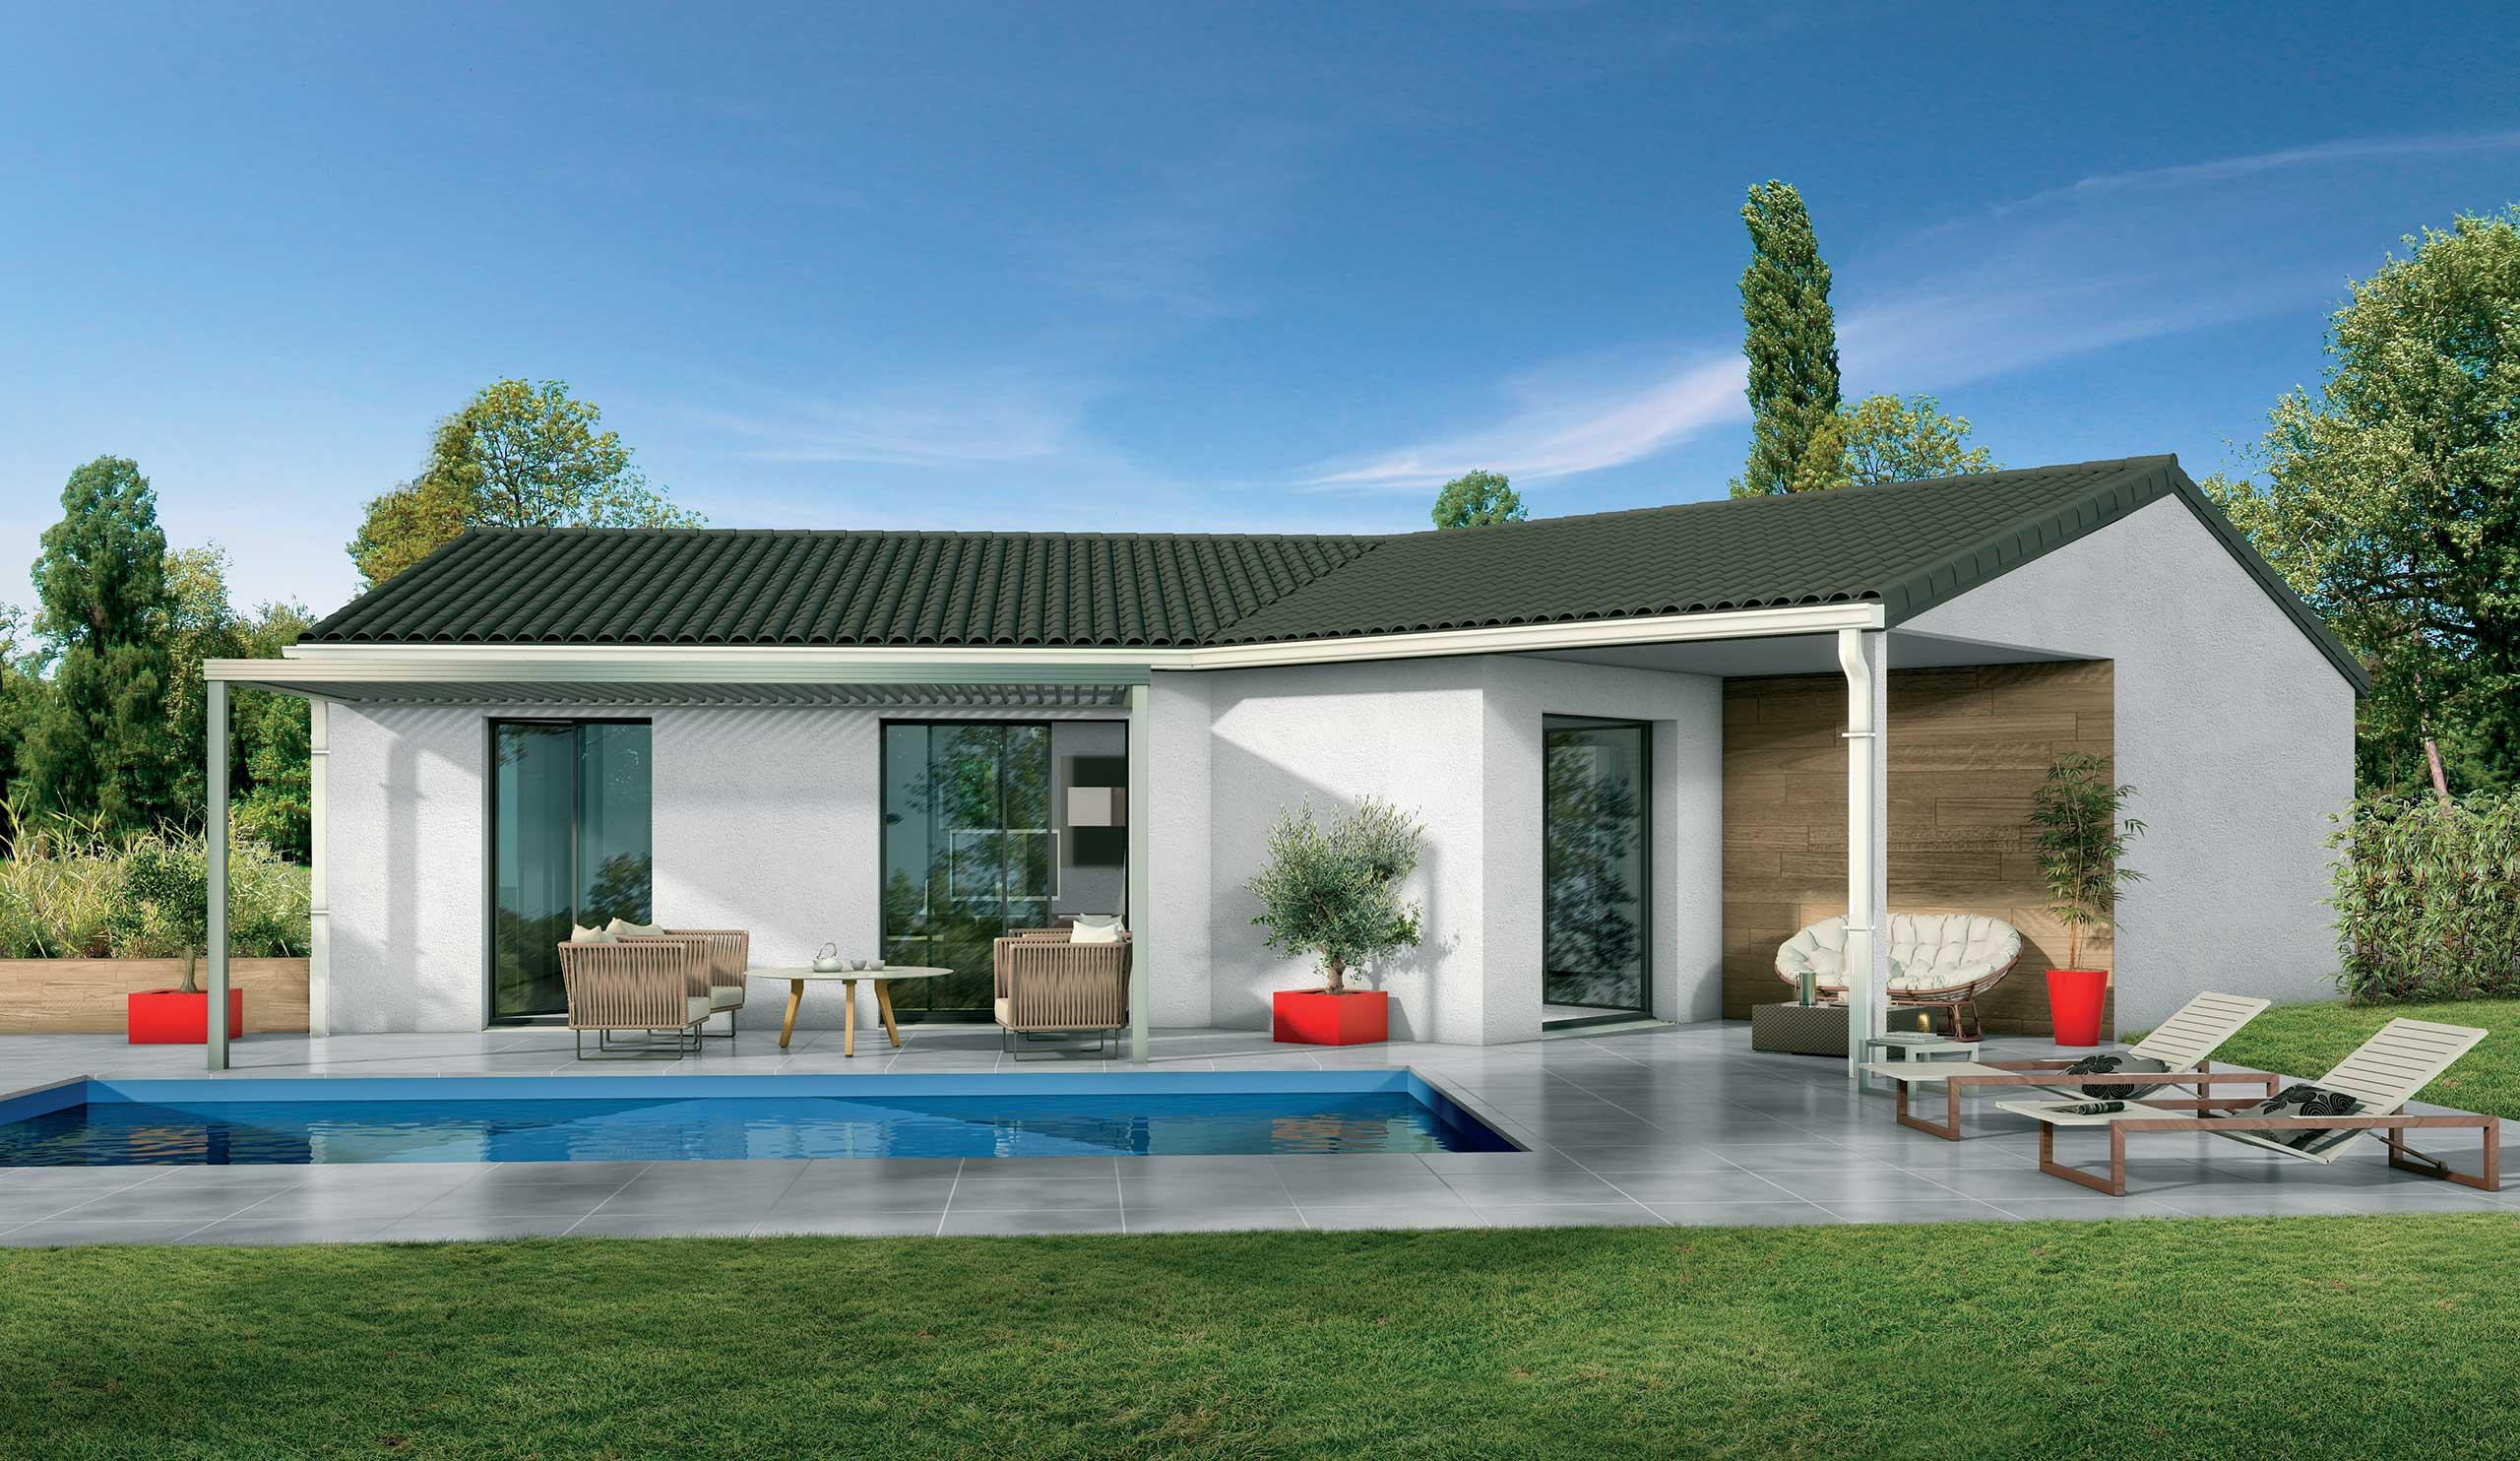 maison modèle de maison ebène : une villa au design soigné et moderne